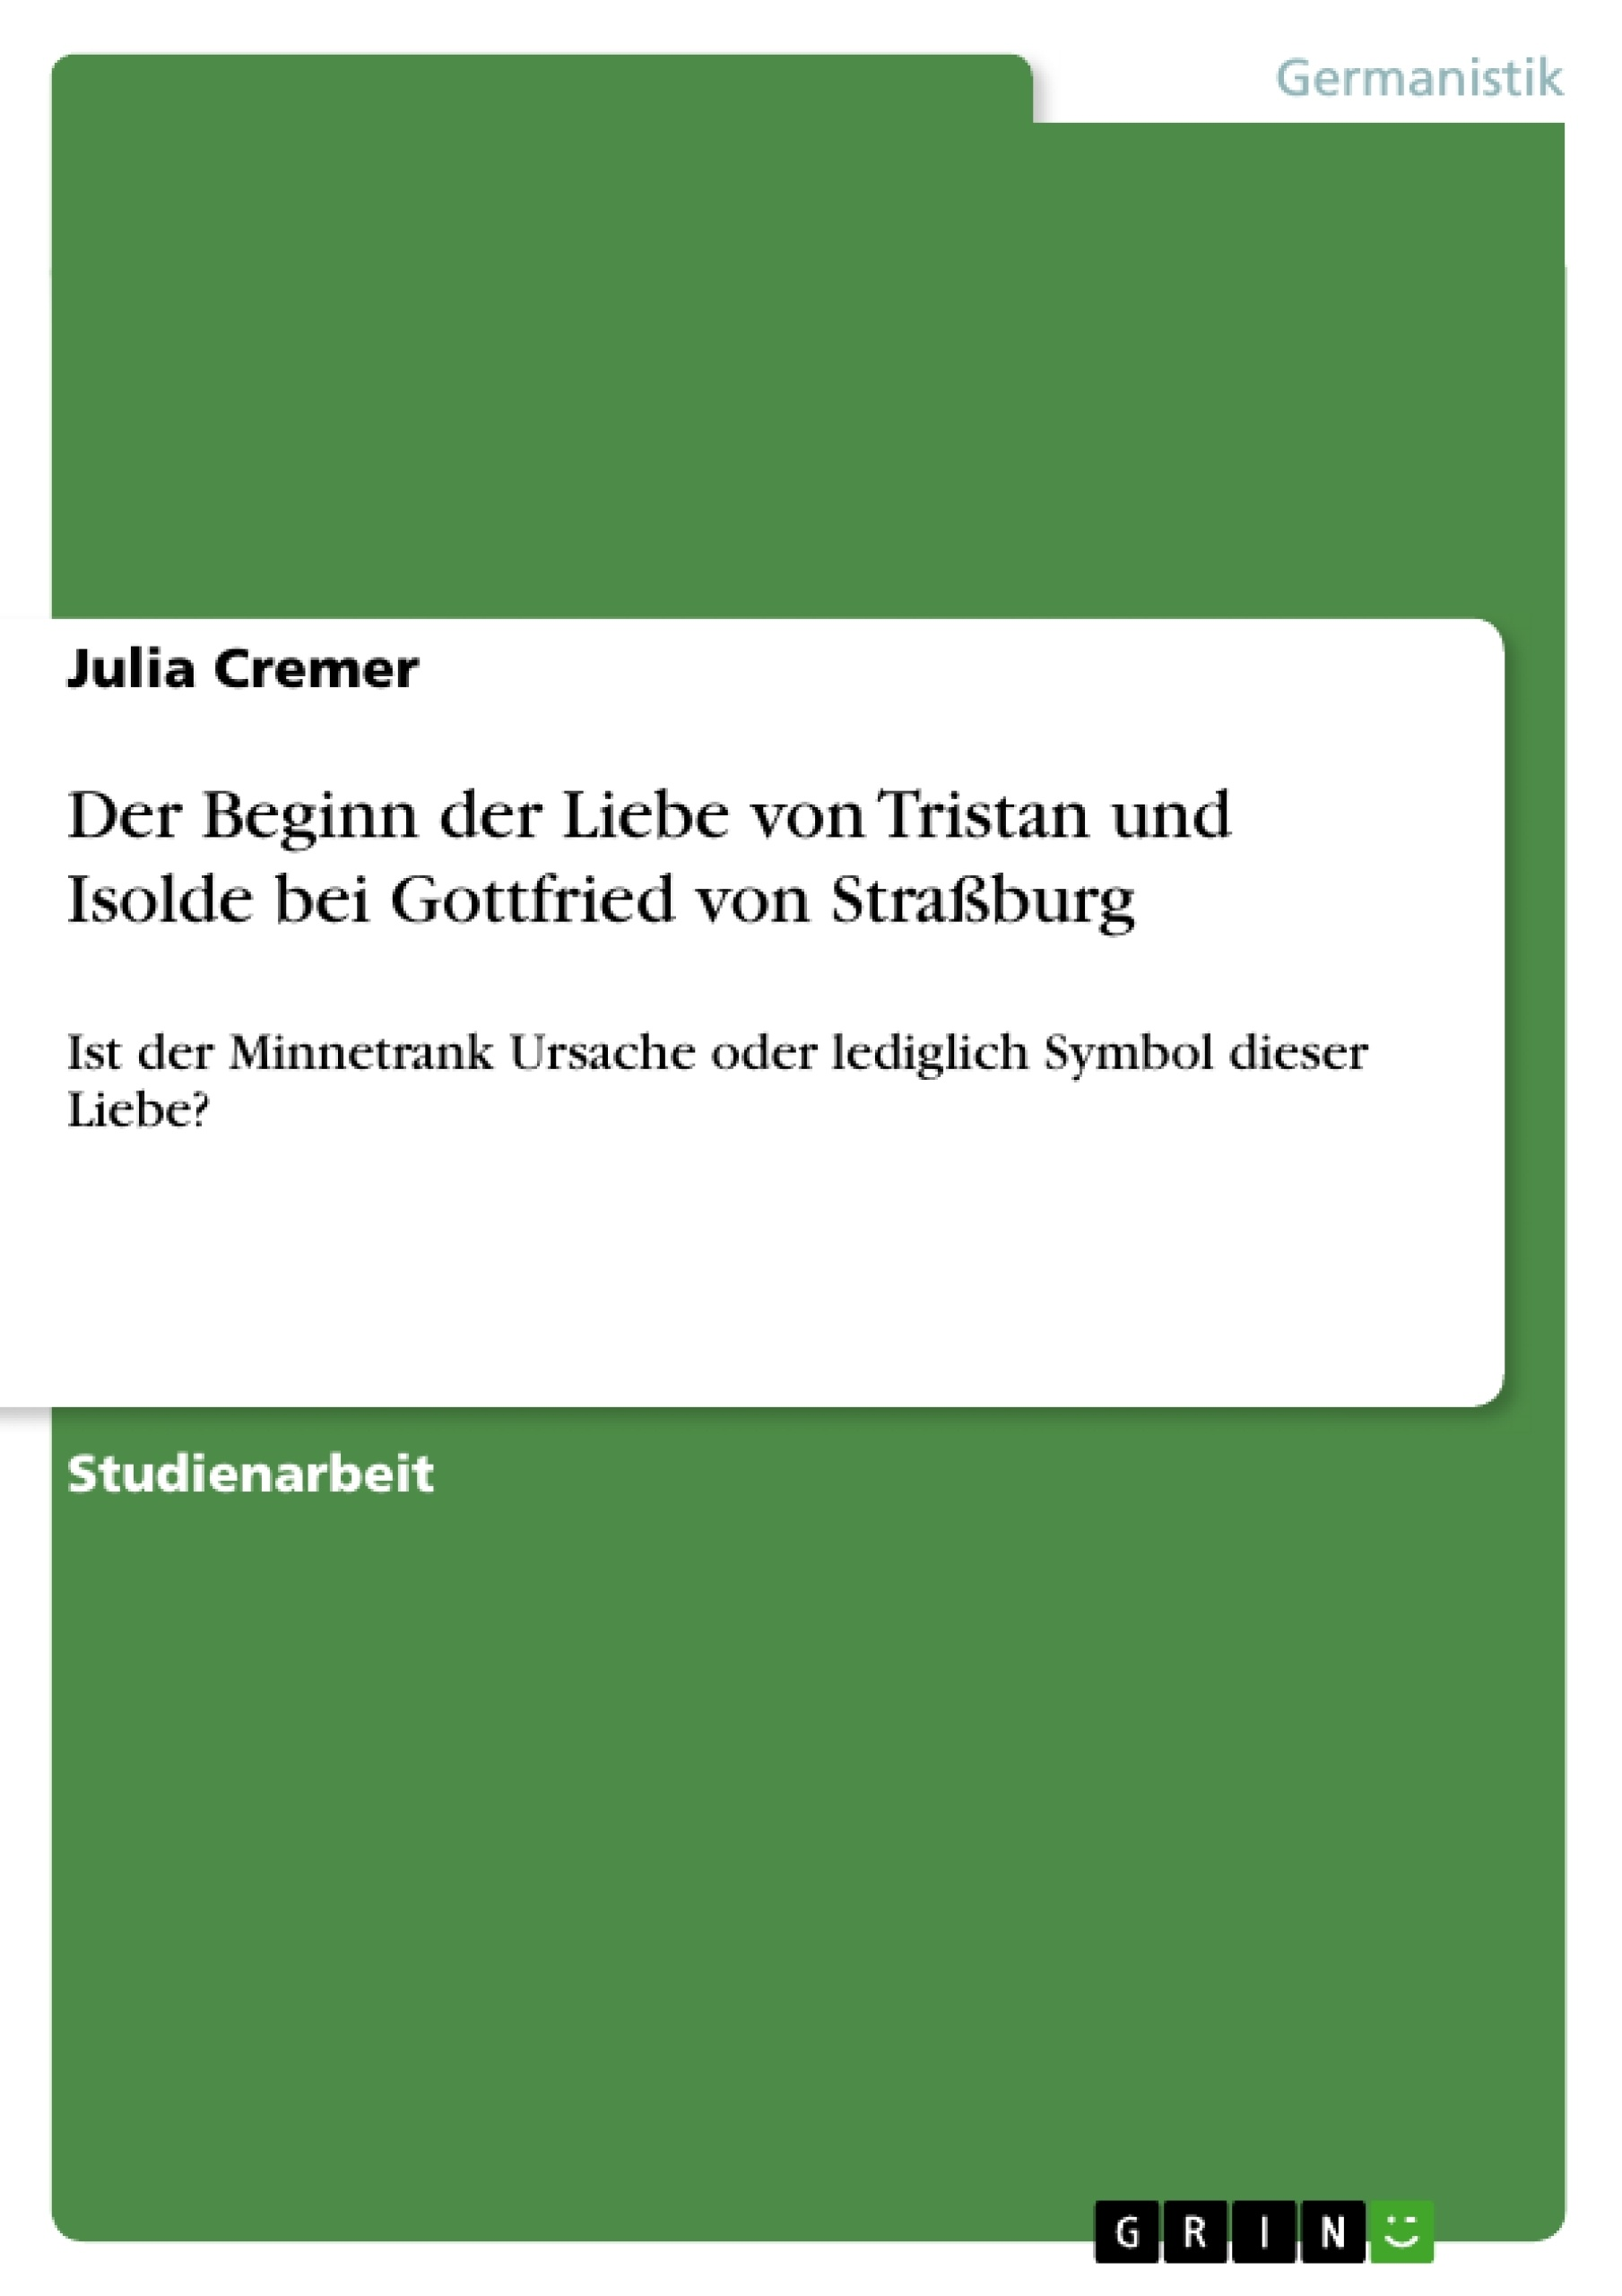 Titel: Der Beginn der Liebe von Tristan und Isolde bei Gottfried von Straßburg